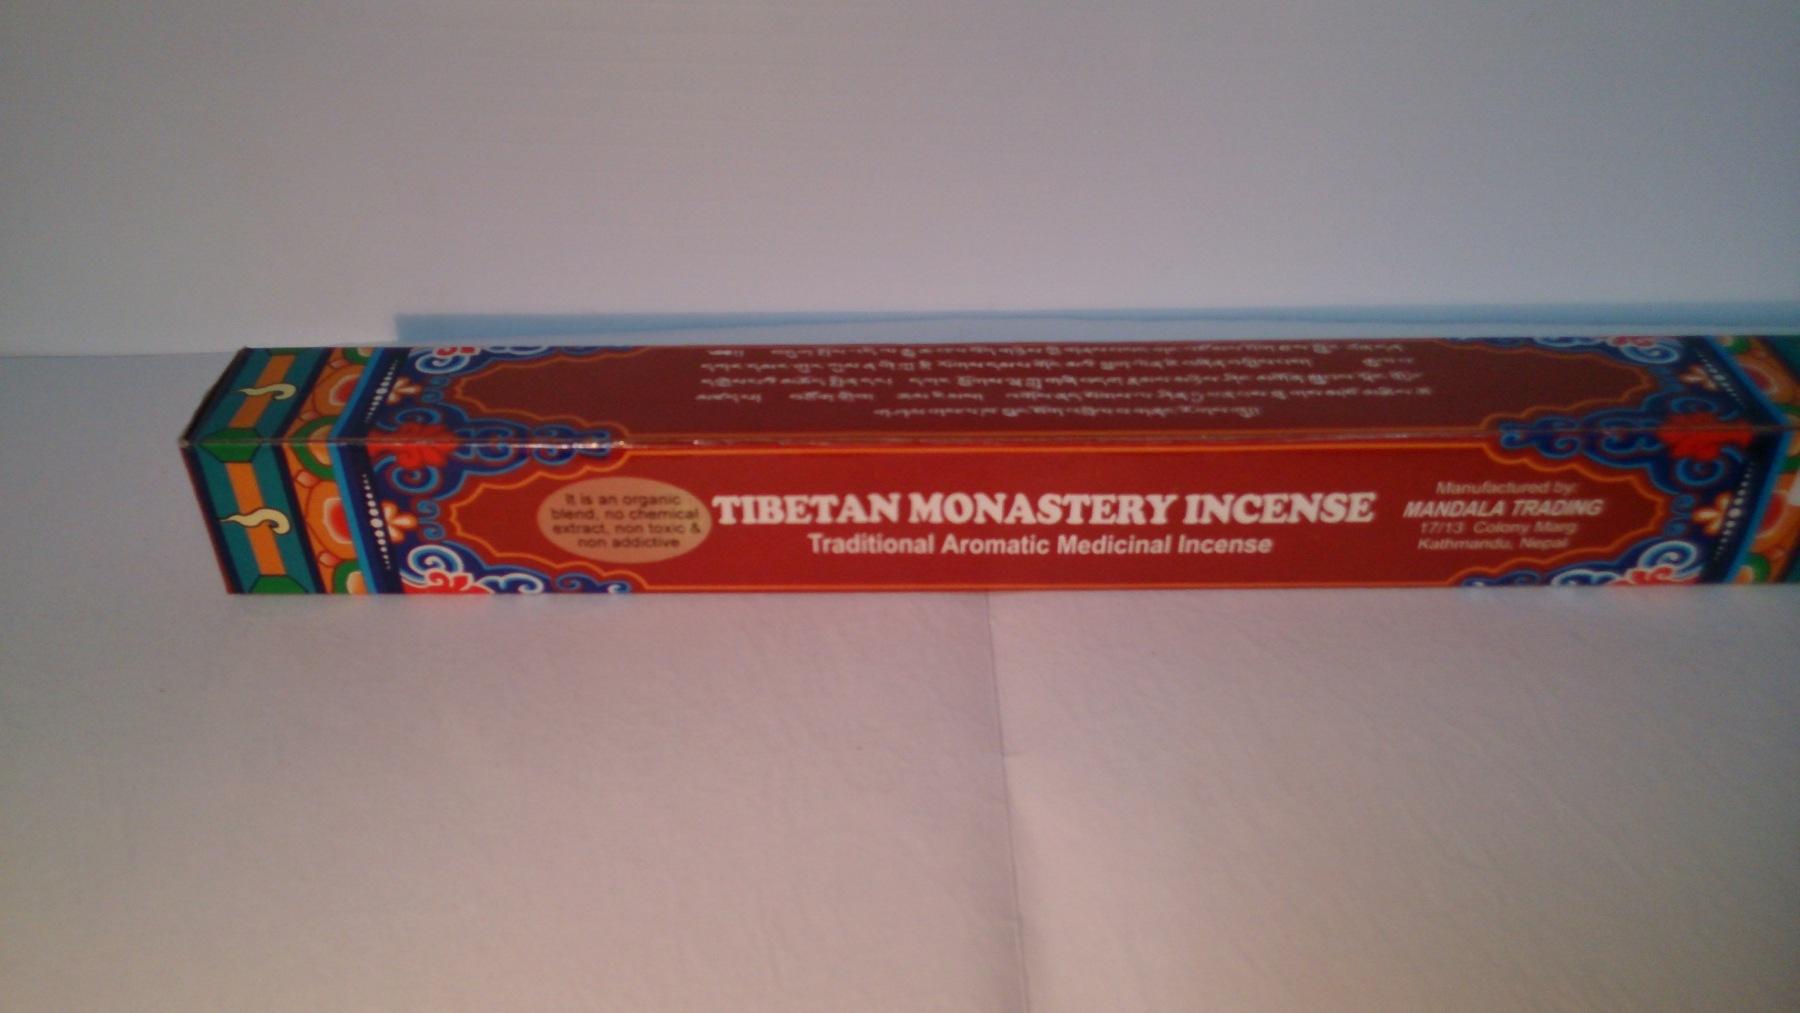 Tibet Monastary incense